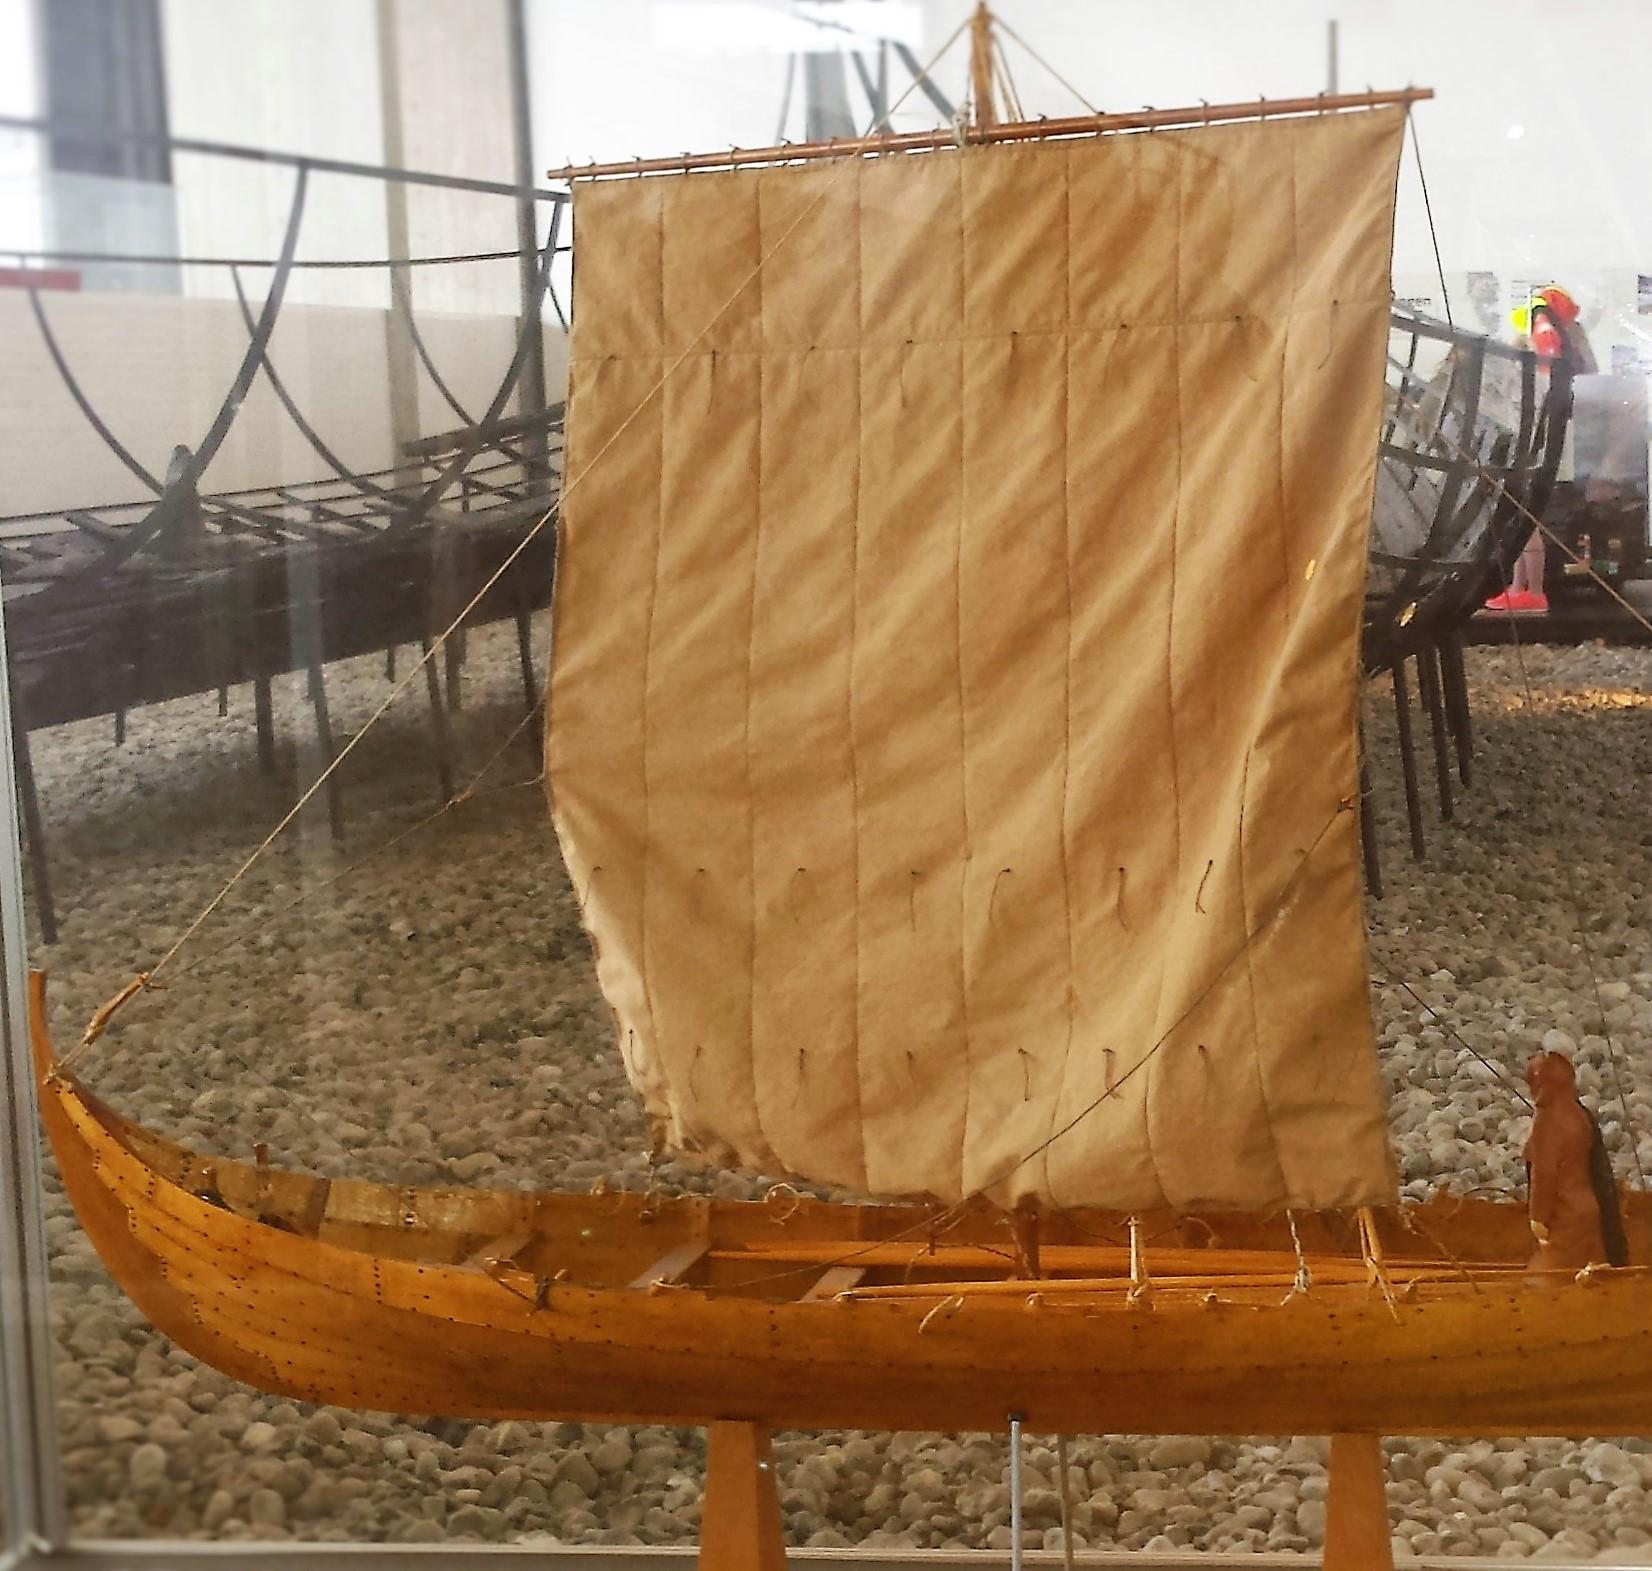 Plongez dans l'histoire et la culture du danemark, avec ses vikings et sa royauté, en visitant ce passionnant musée gratuit. La Belle Ville De Copenhague Et Le Musee Des Bateaux Vikings Ma Tribu En Vadrouille